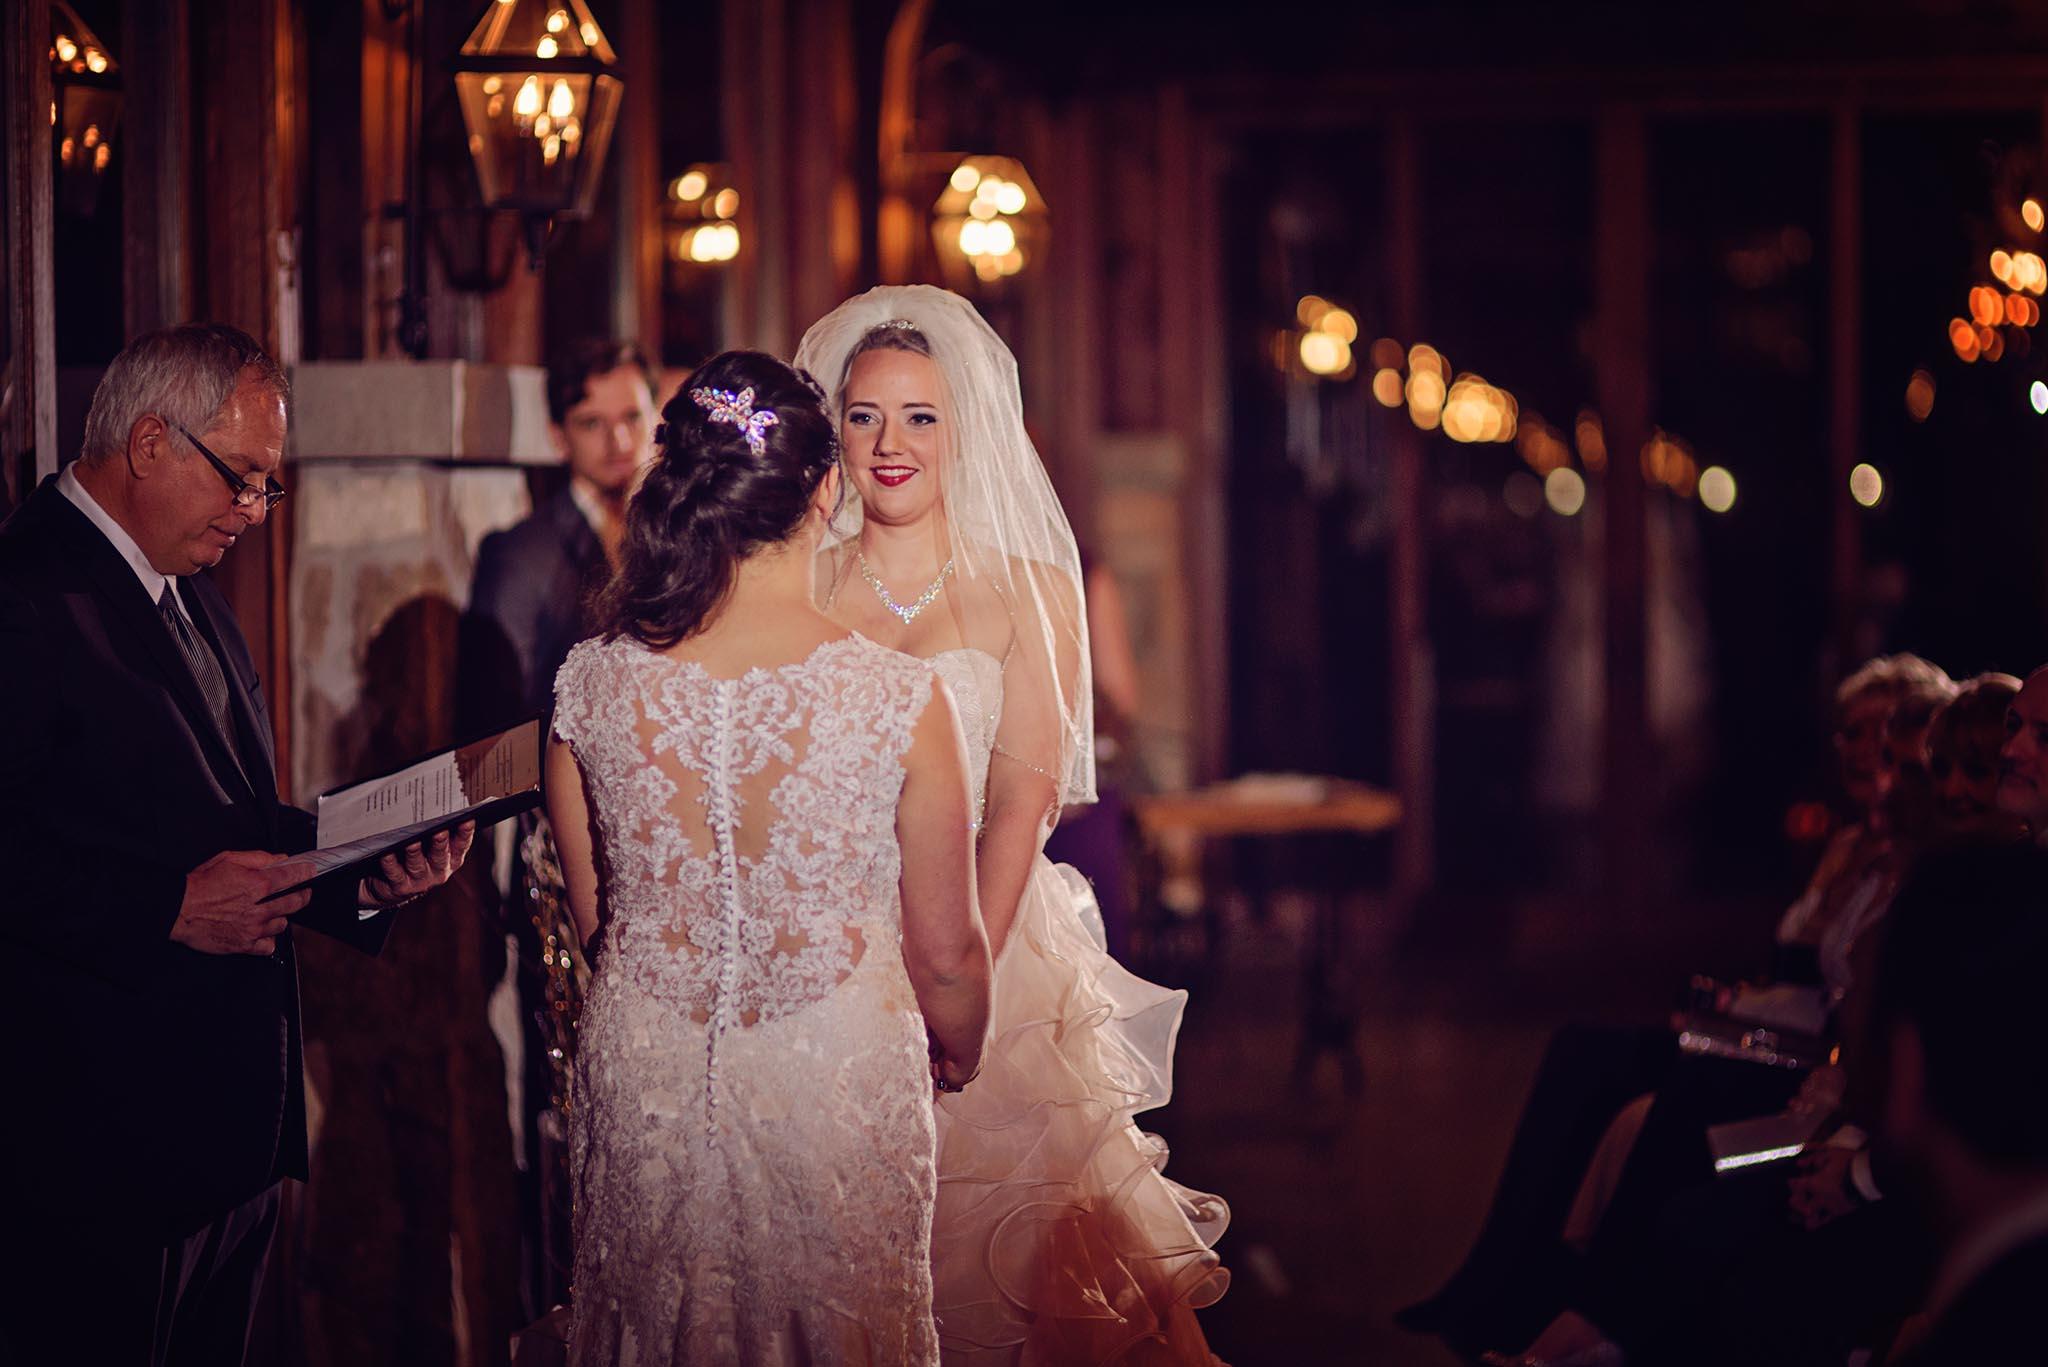 Peter-Bendevis-Photography-Kris-Laura-Cambridge-Mill-Winter-Wedding15